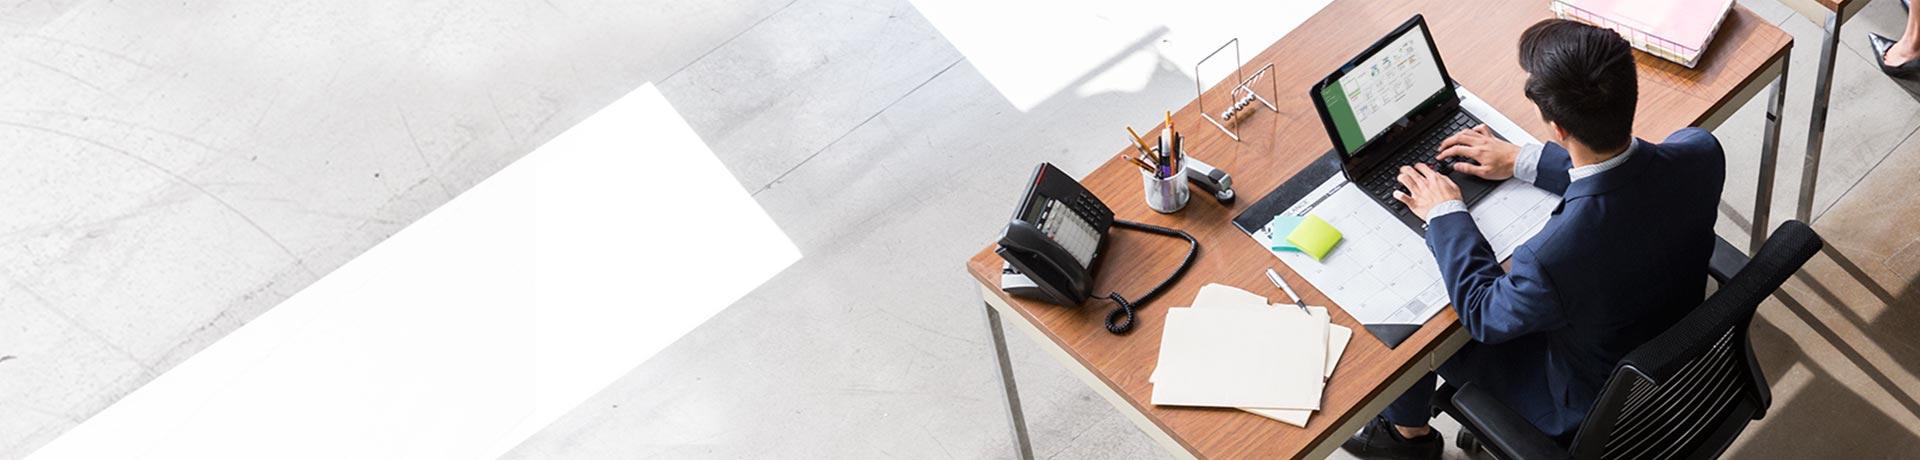 Un hombre sentado en un escritorio de una oficina mientras trabaja en un archivo de Microsoft Project en un equipo portátil.